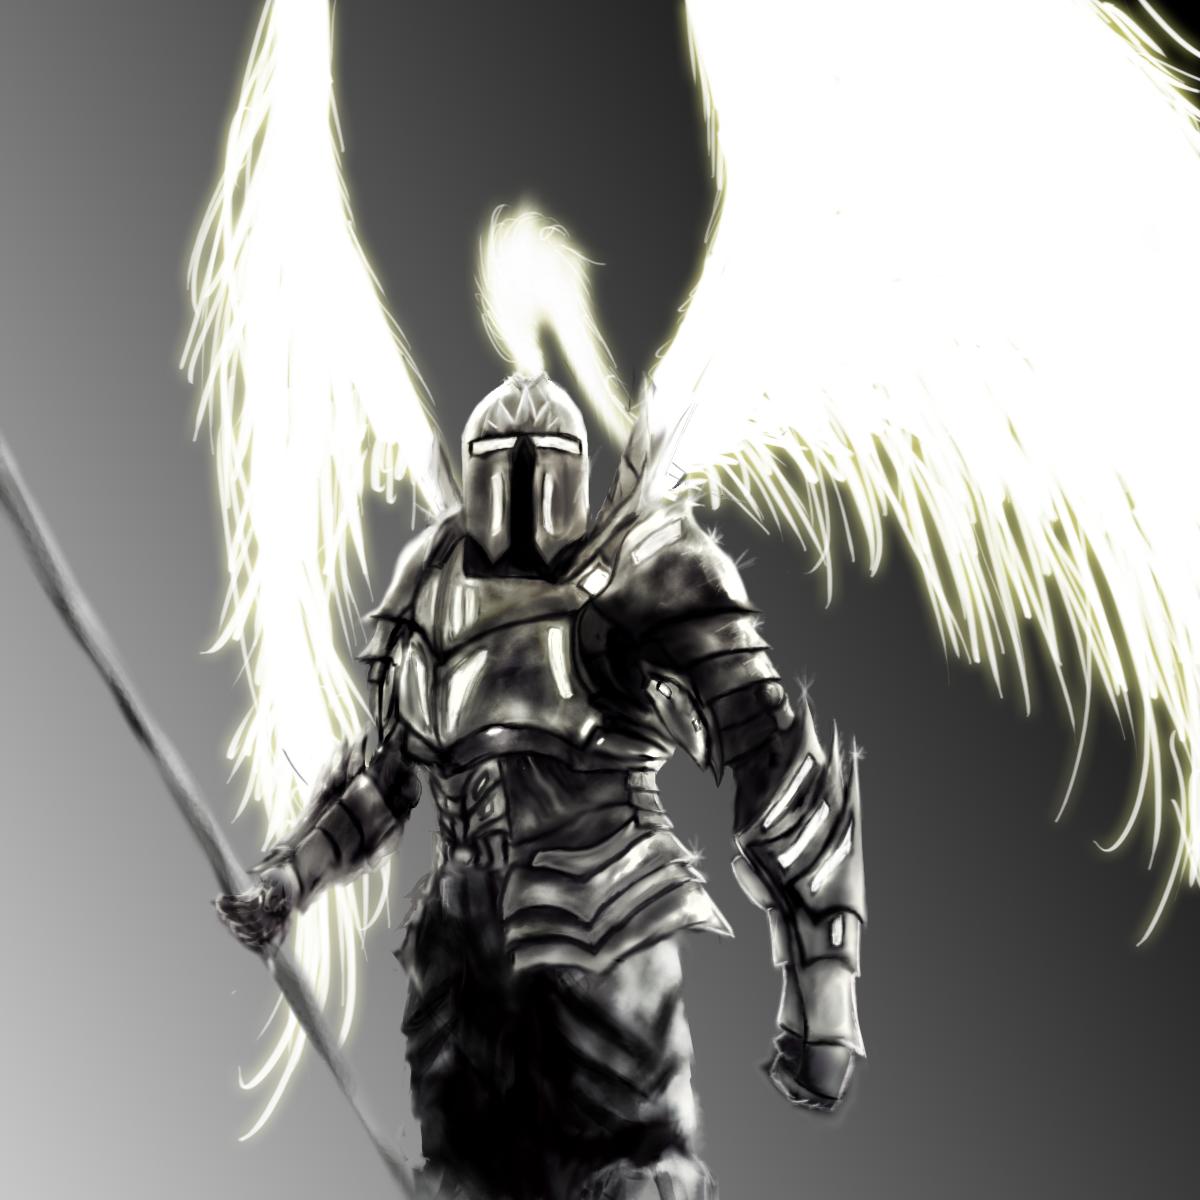 249016_apostatejt_angel-knight.png